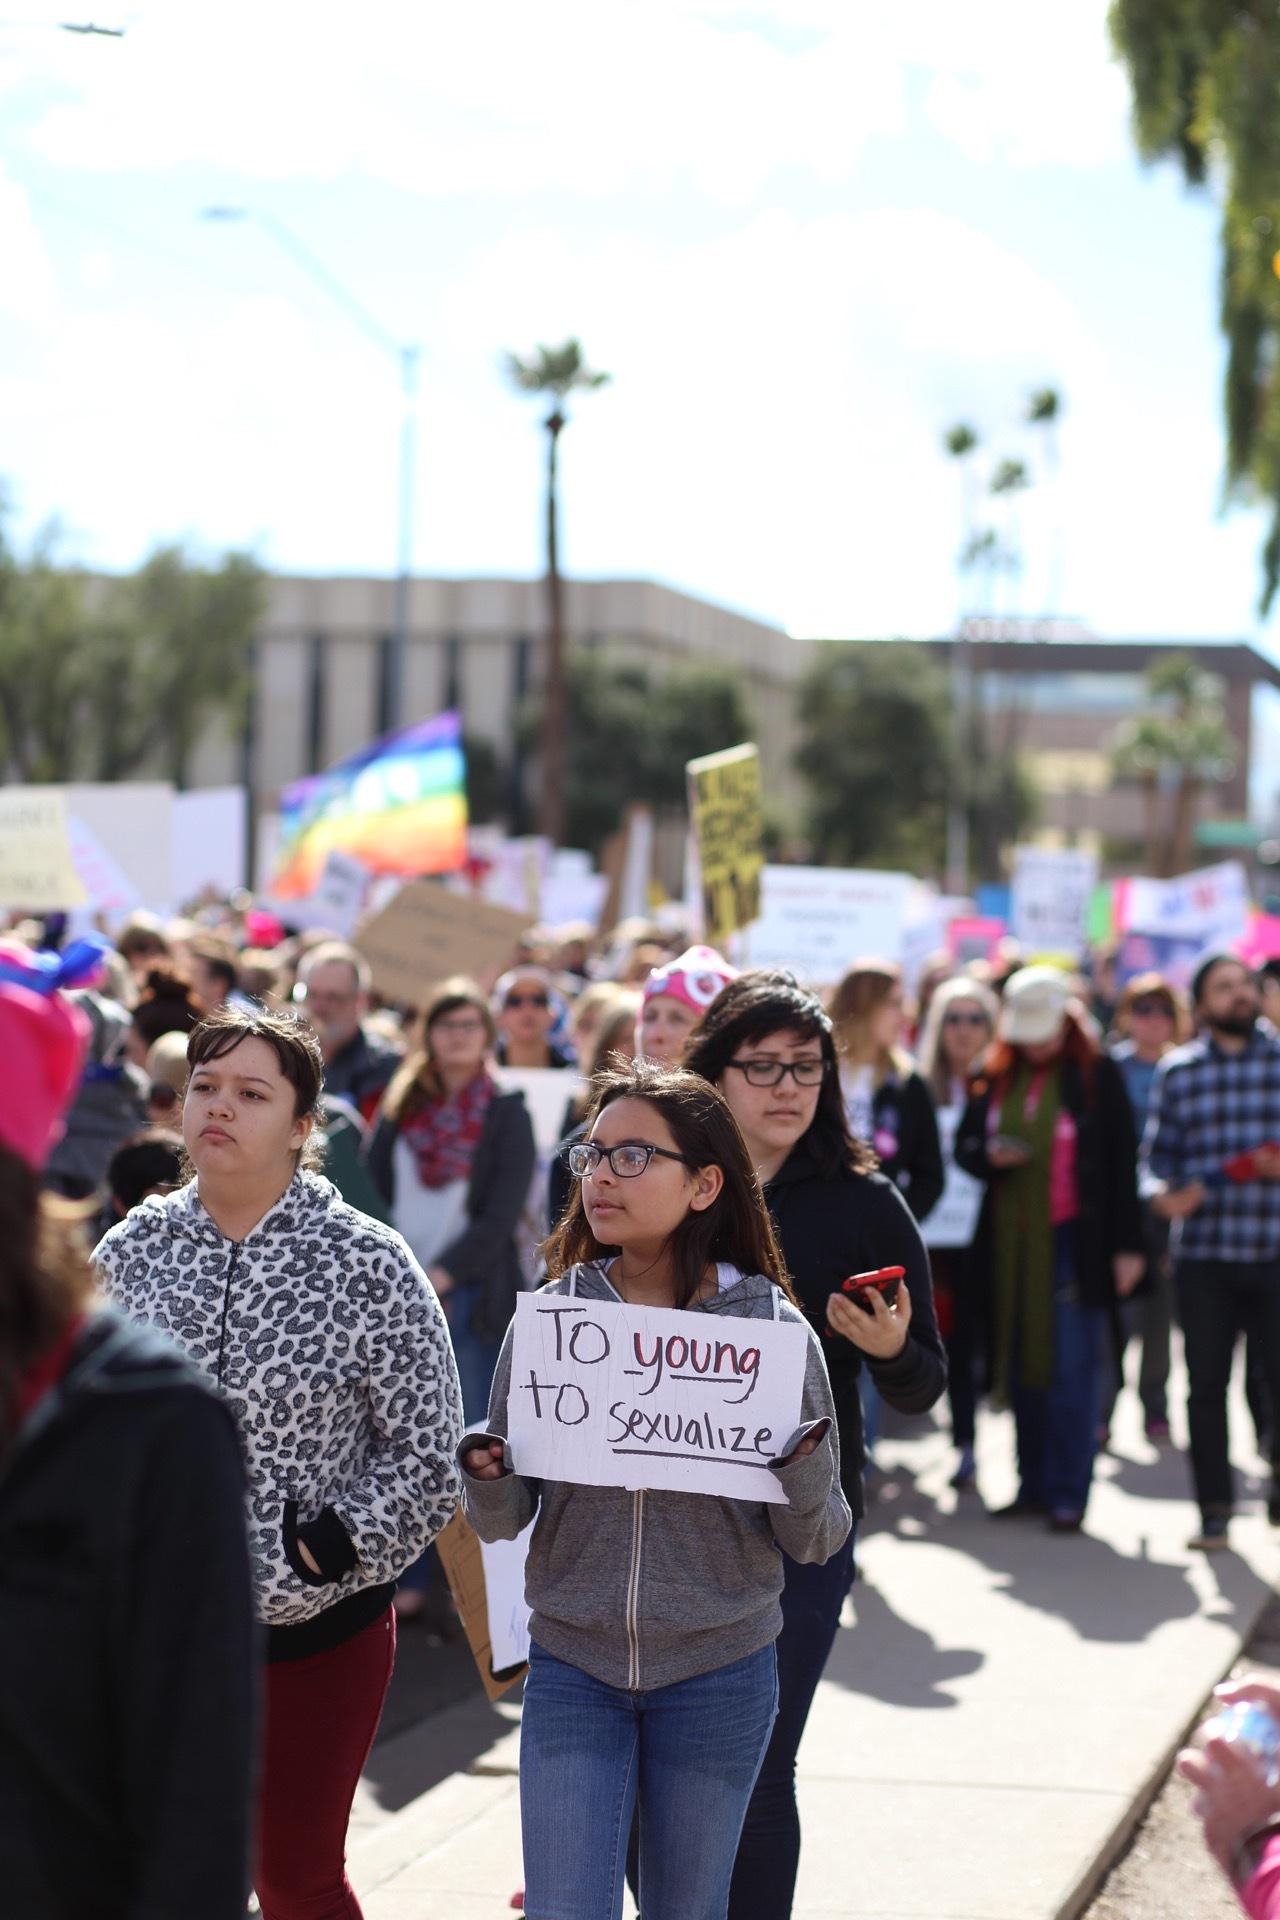 Phoenix Women's March January 21, 2017 (personal work)